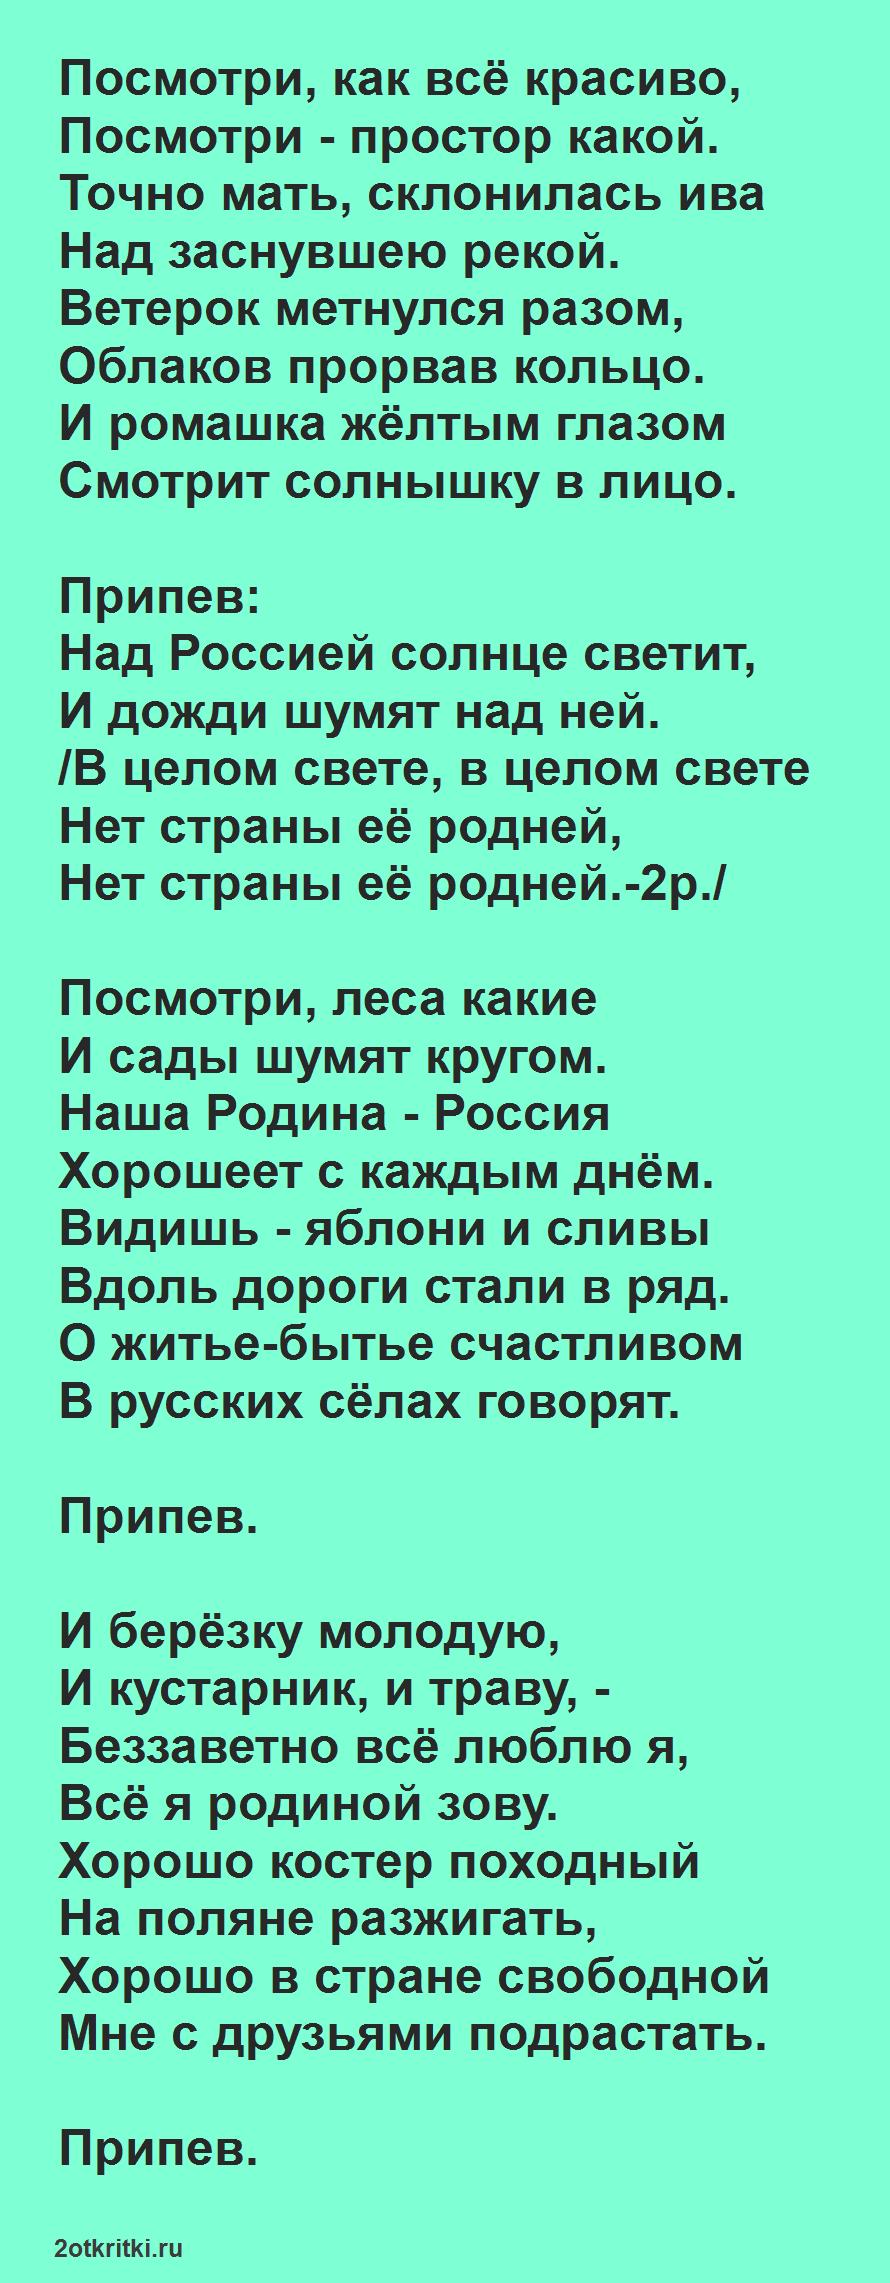 Песни ко дню России - 12 июня - Песня о России